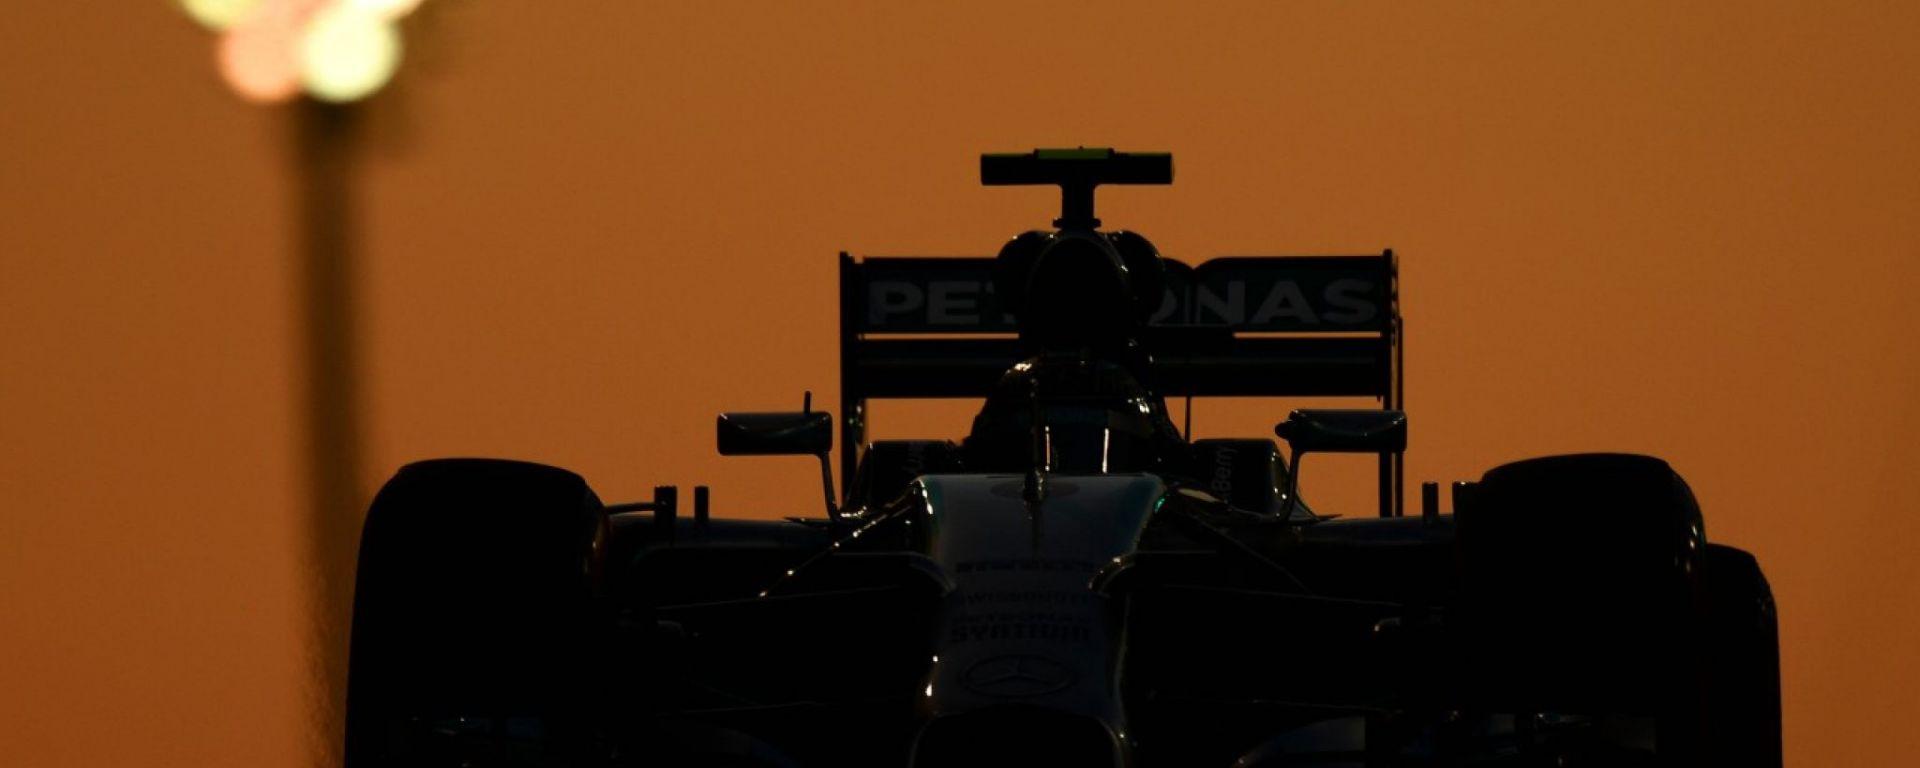 F1 2016 - Gran Premio di Abu Dhabi - Info e Risultati